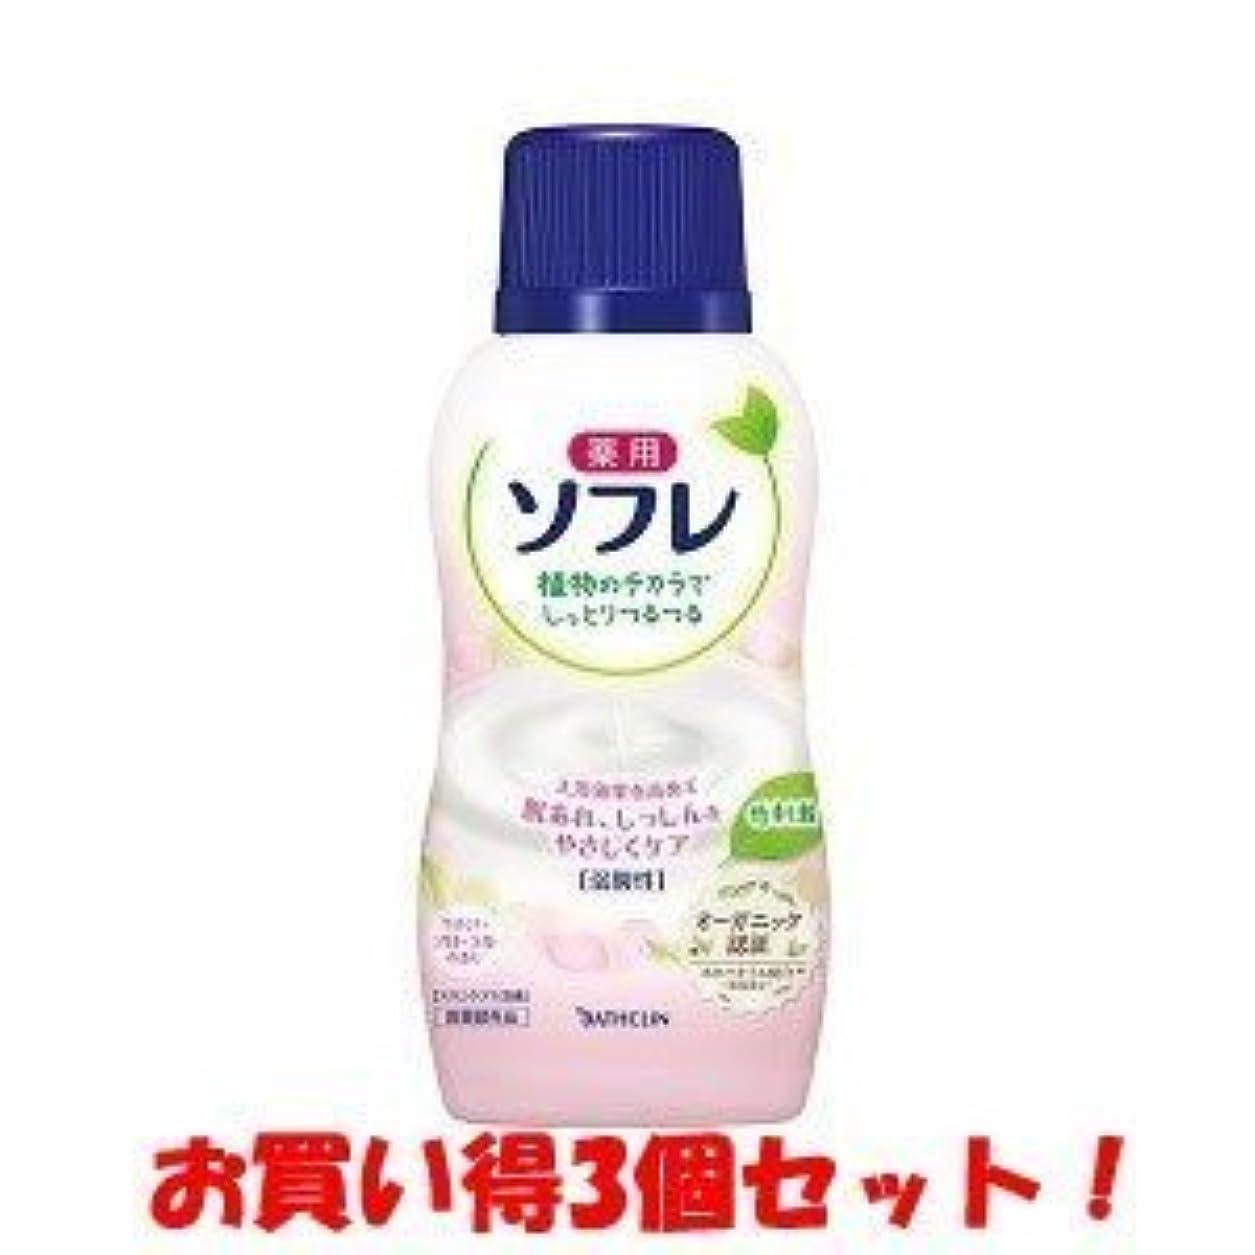 香水不変カップ(バスクリン)薬用ソフレ スキンケア入浴液 やさしいフローラル香り 720ml(医薬部外品)(お買い得3個セット)